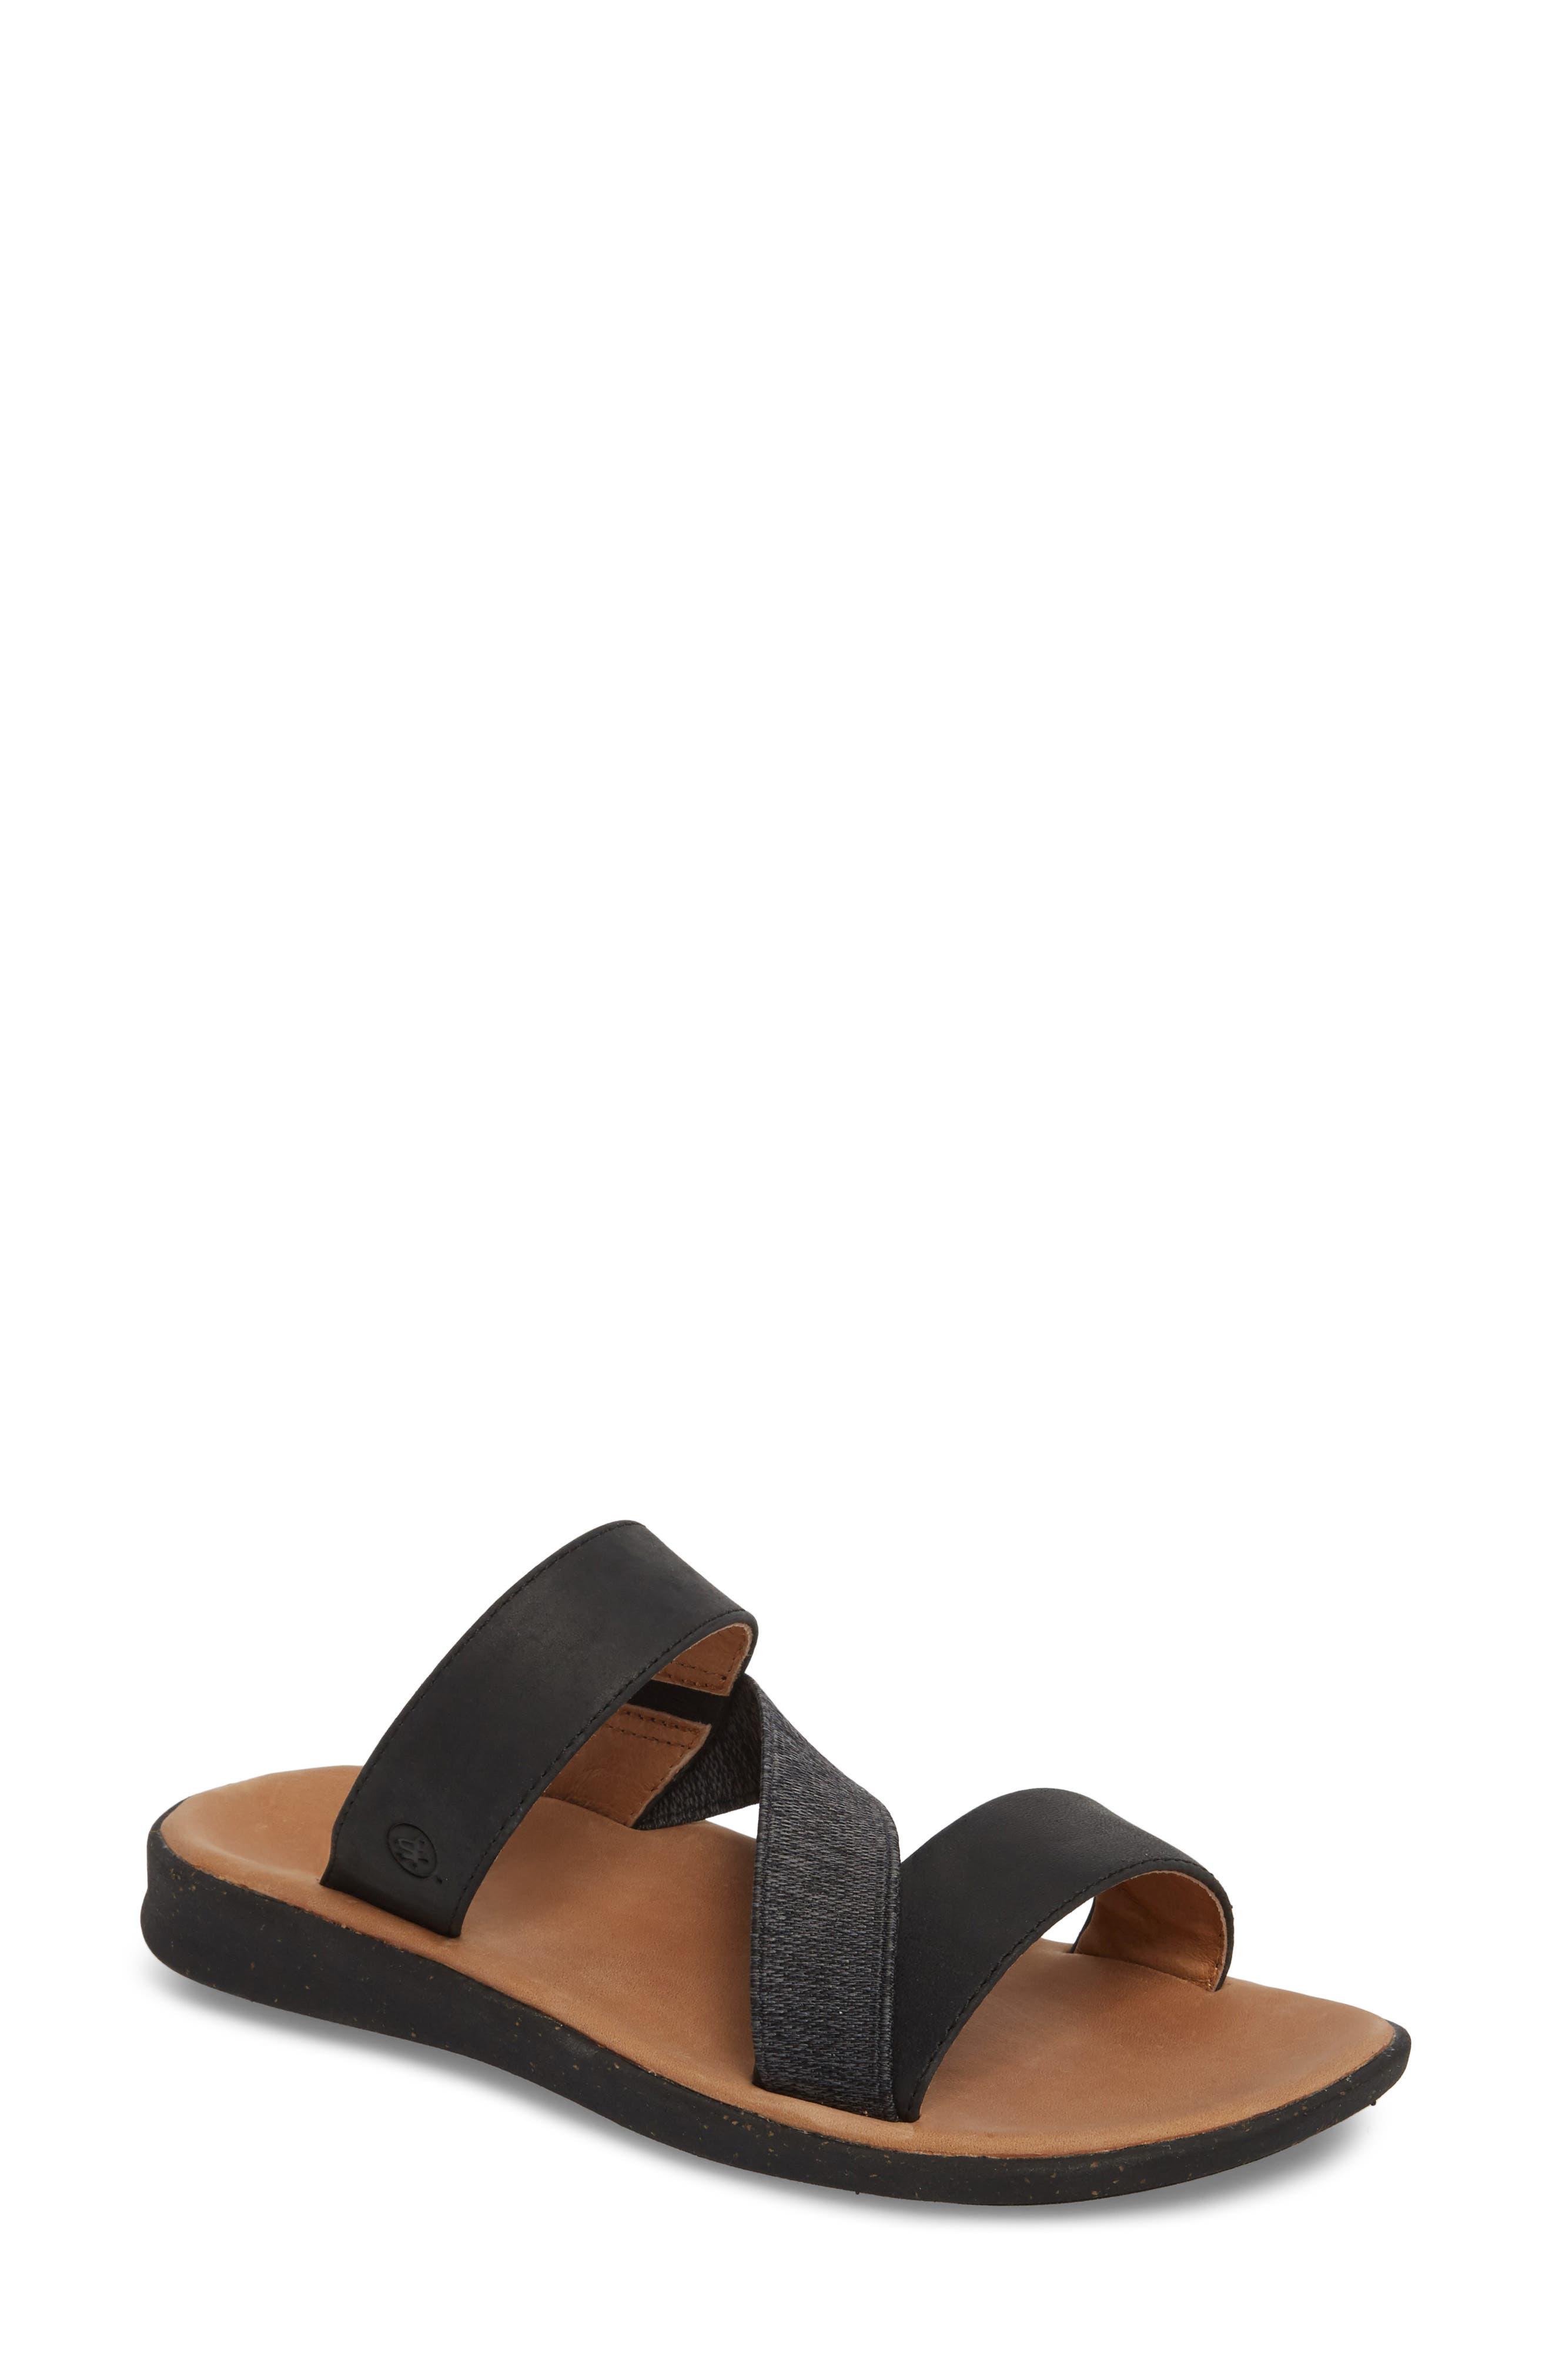 Reyes Slide Sandal,                         Main,                         color, BLACK LEATHER